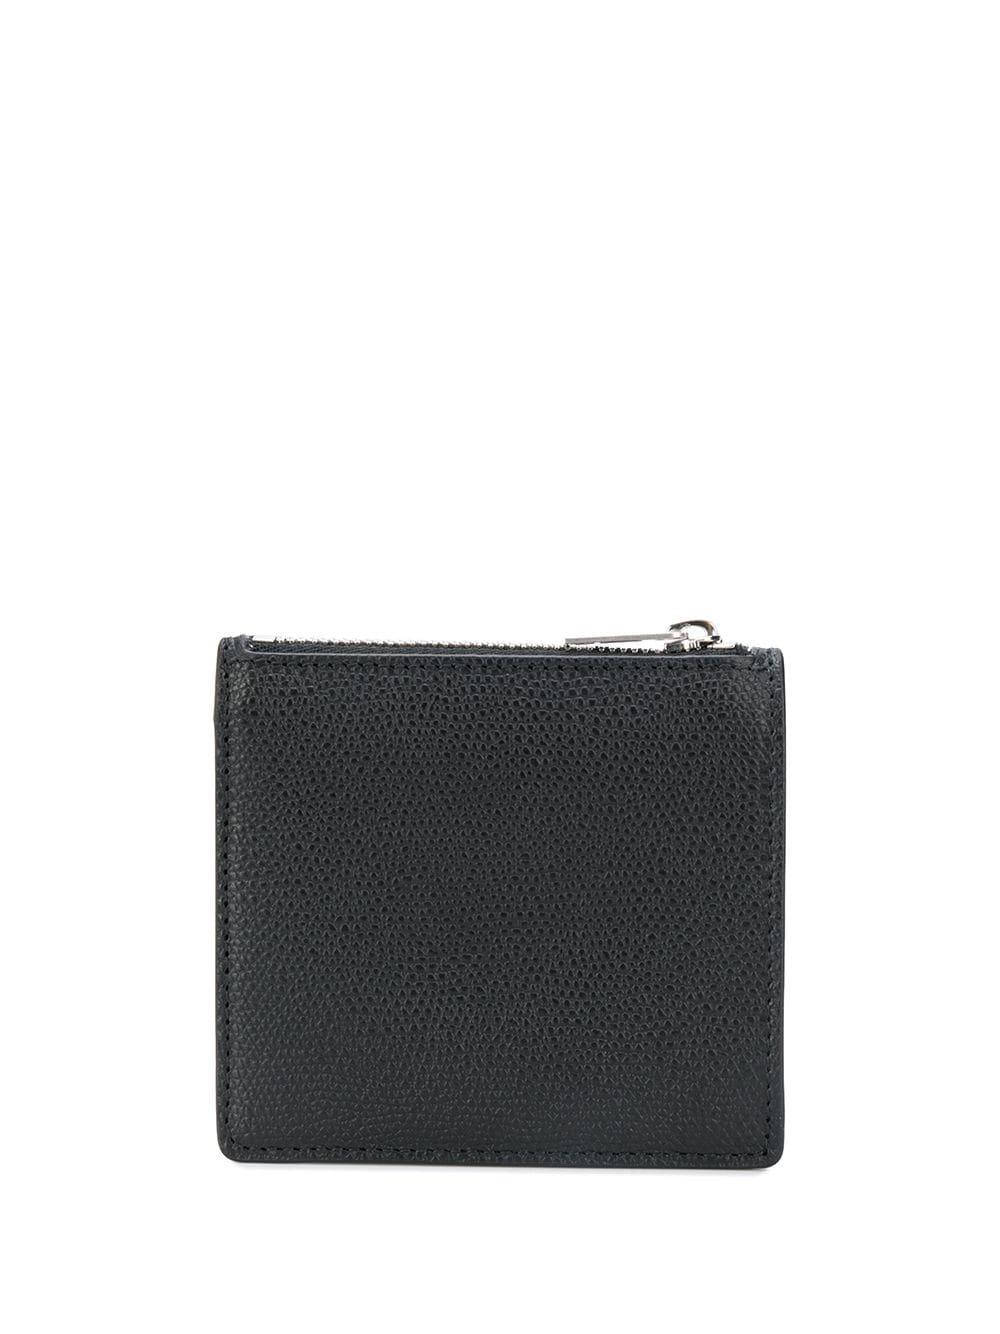 LEATHER WALLET MAISON MARGIELA | Wallets | S35UI0448 P0399T8013